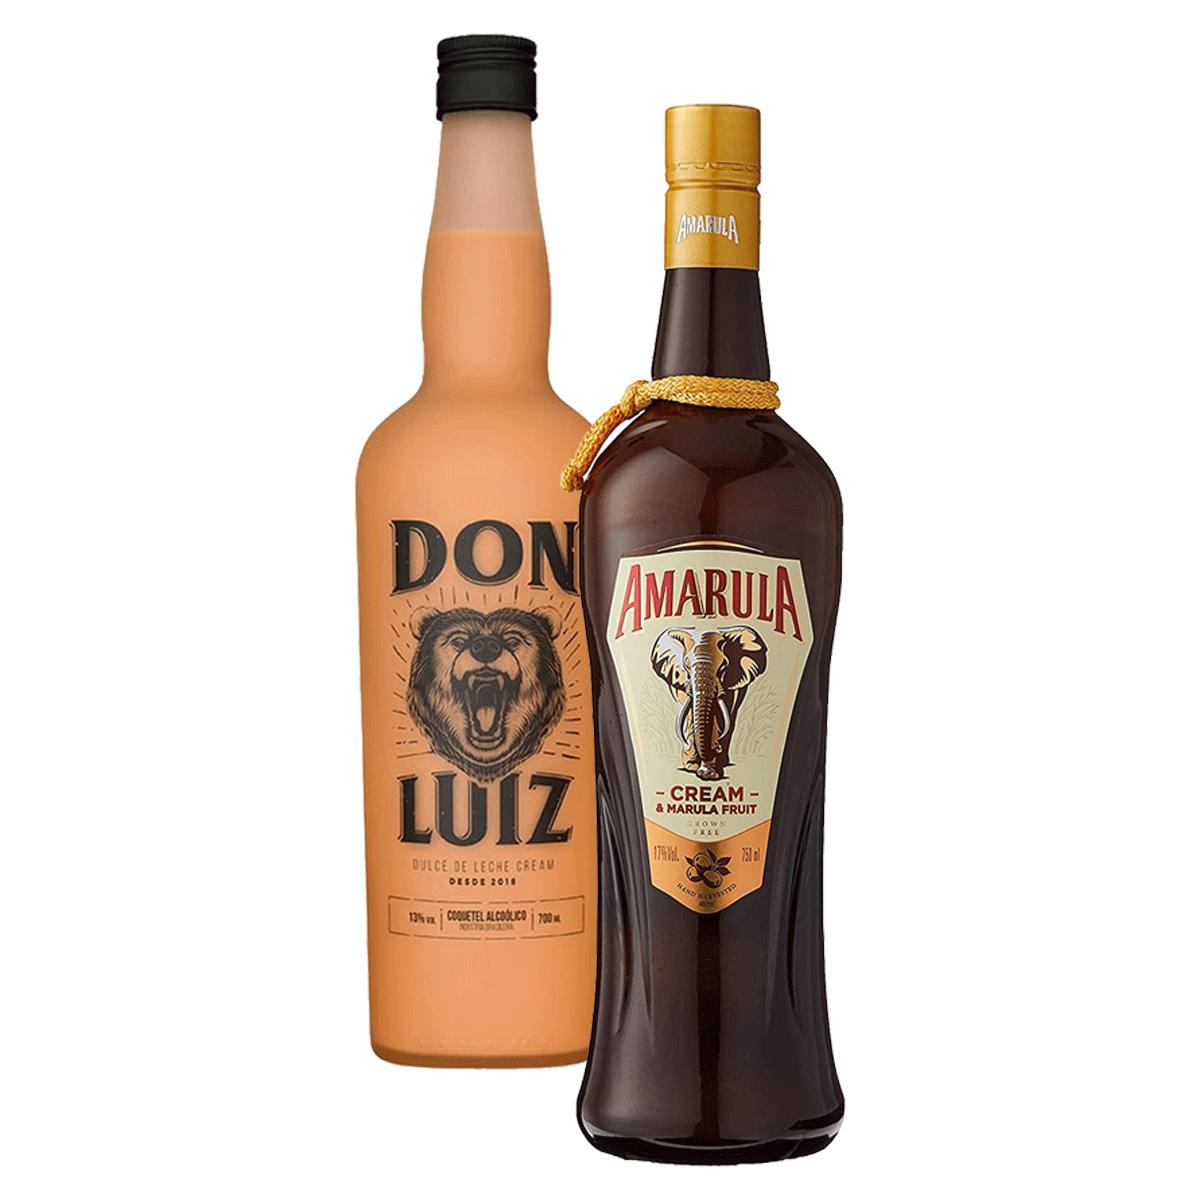 Kit 1 Licor Don Luiz 700ml + 1 Licor Amarula 700ml